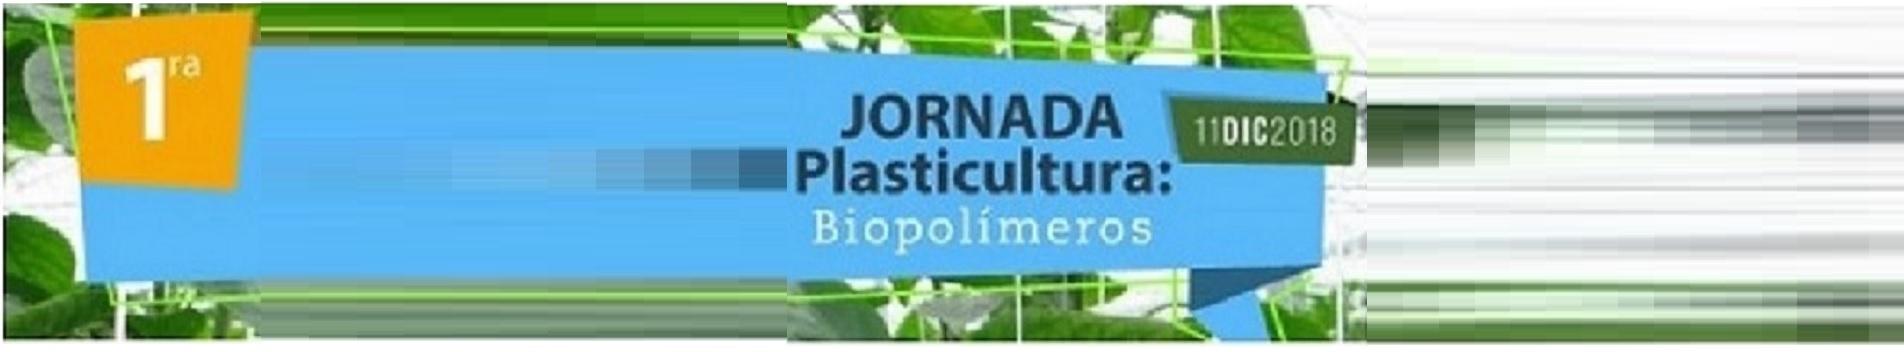 1ª edición Jornada Plasticultura: biopolímeros